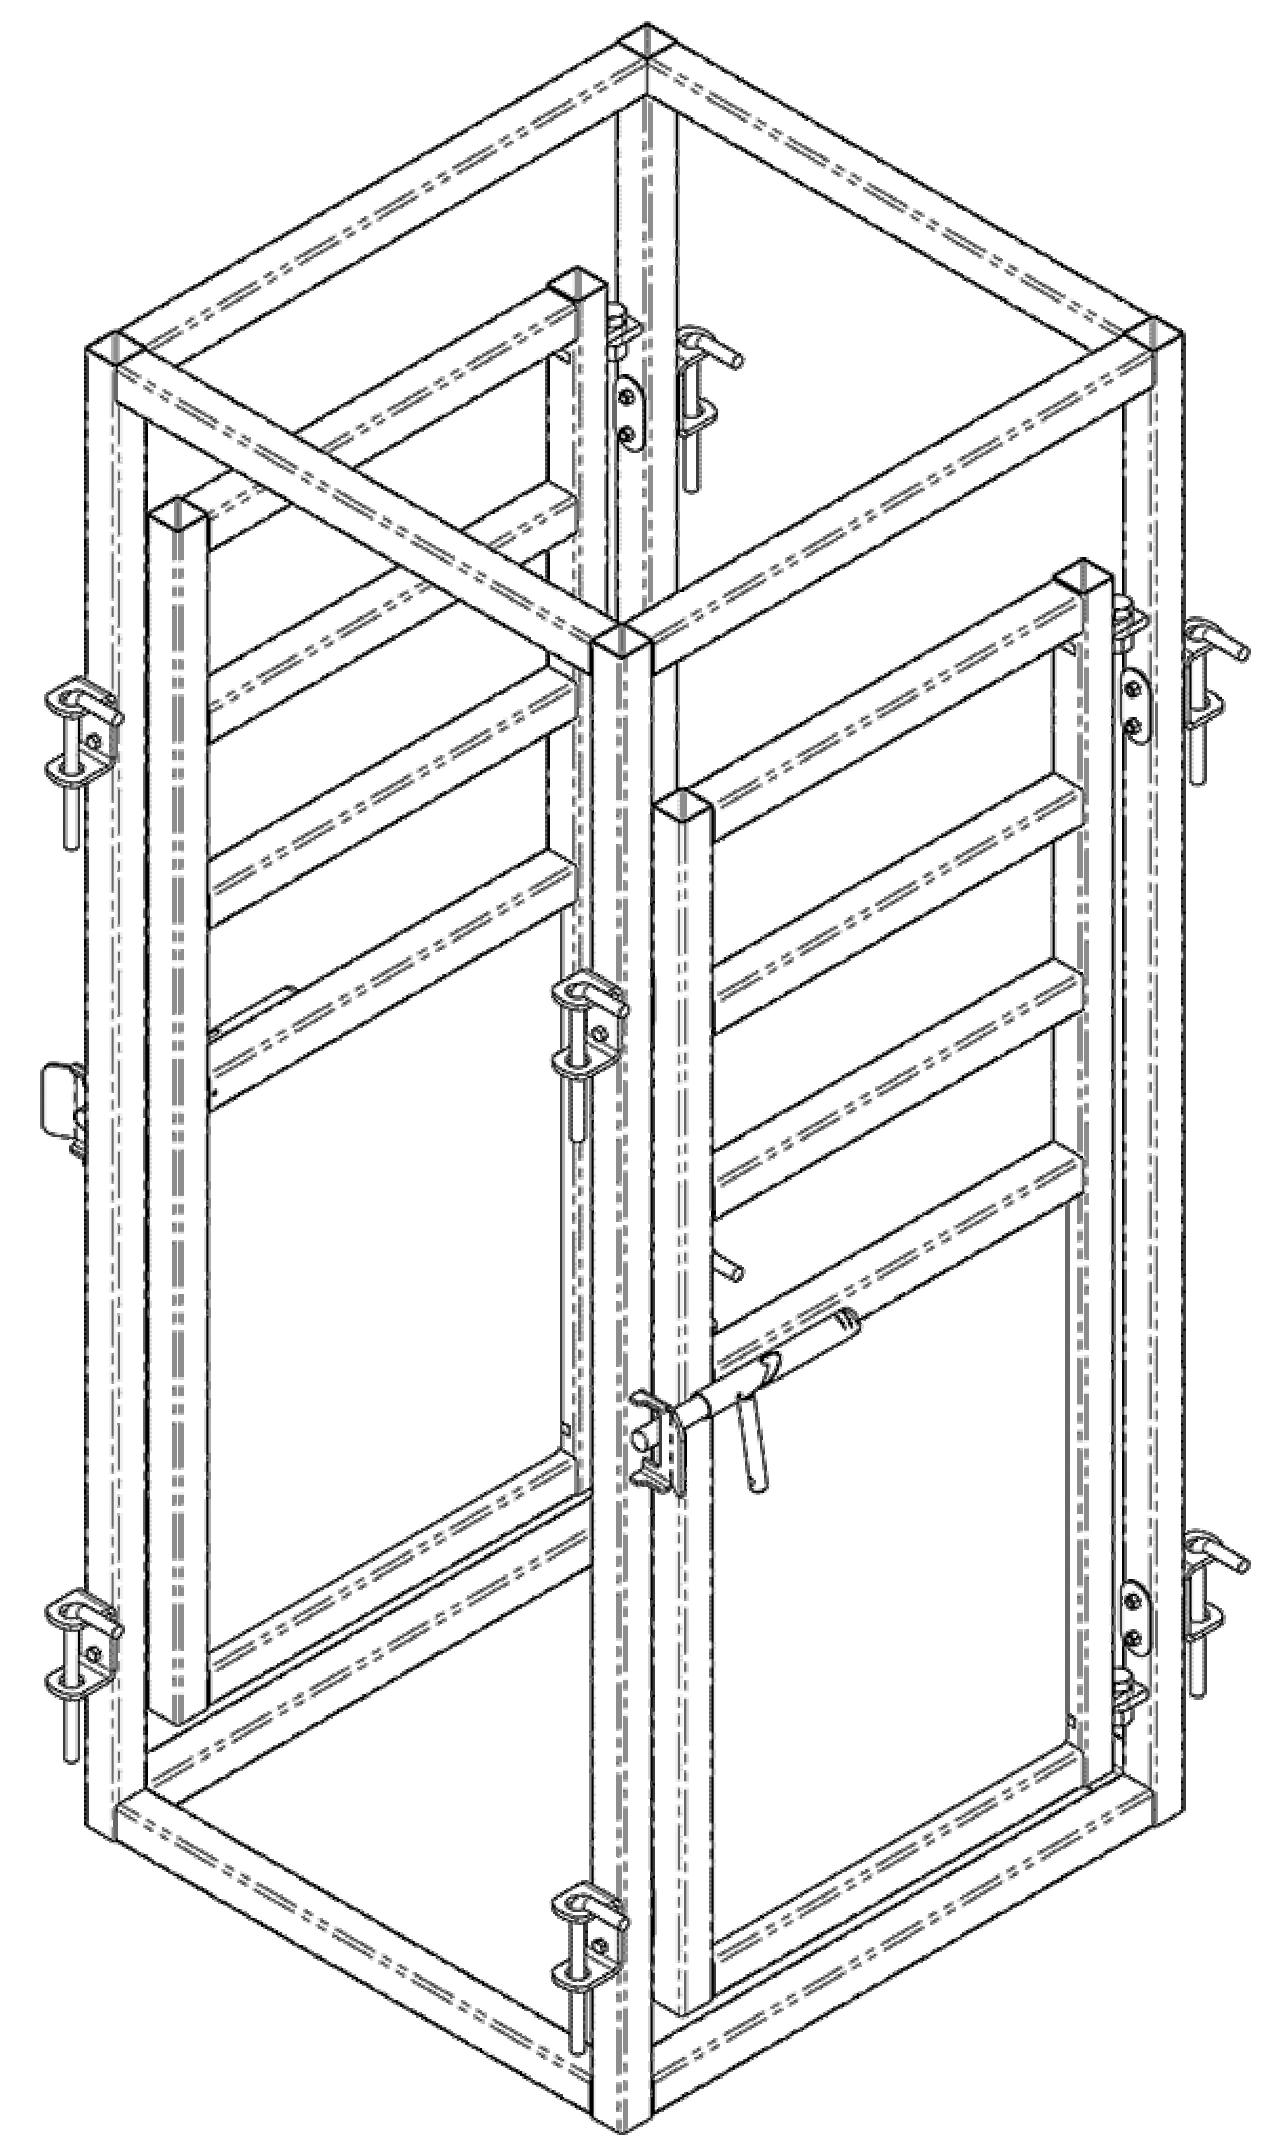 Dessin d'une cage médicale pour bovins par Arrowquip